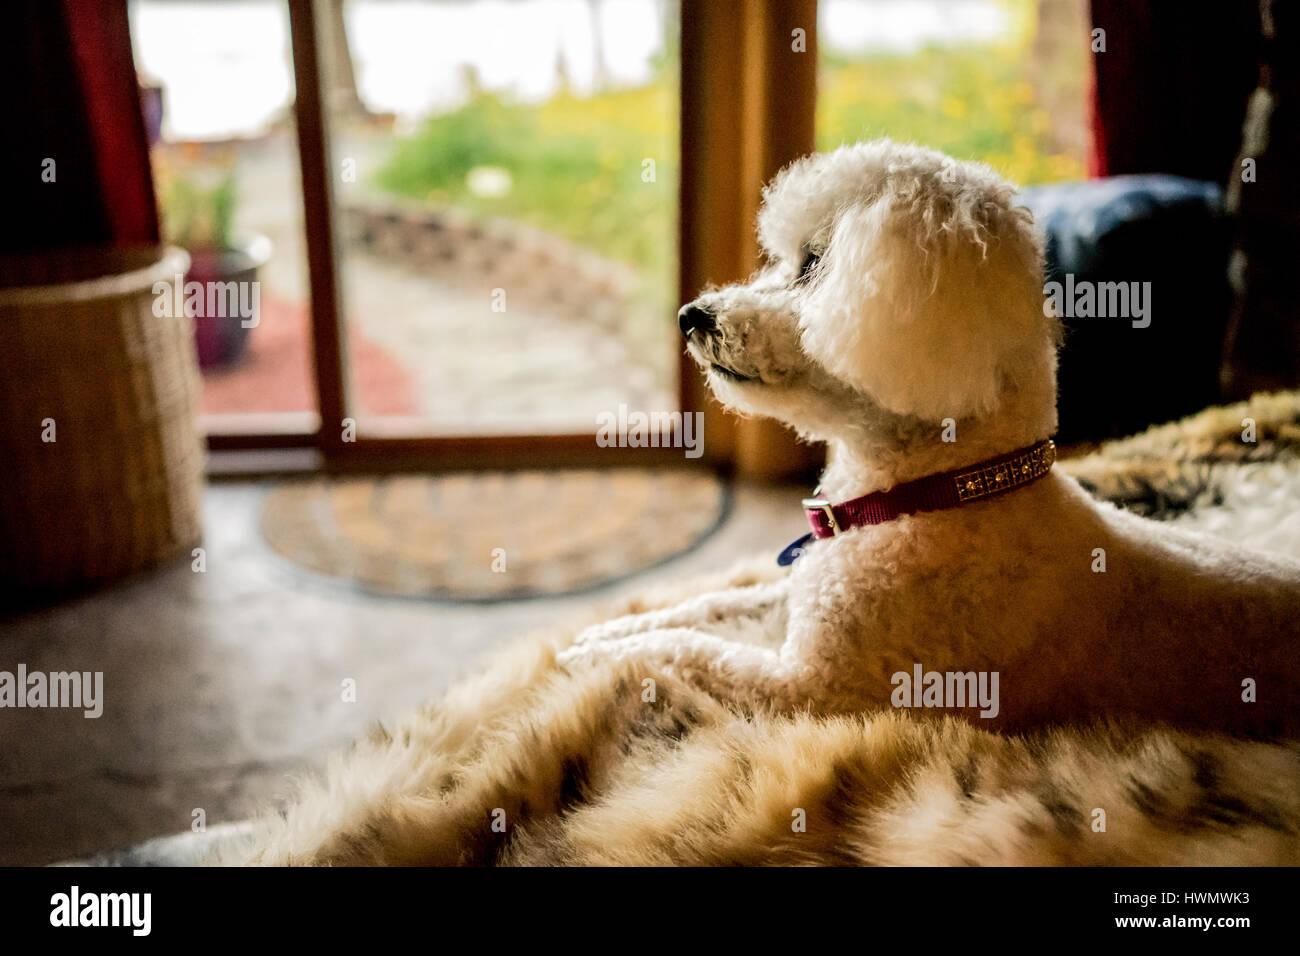 Un perro pequeño se sienta contento sobre una alfombra de pieles en una sala con luz natural Imagen De Stock